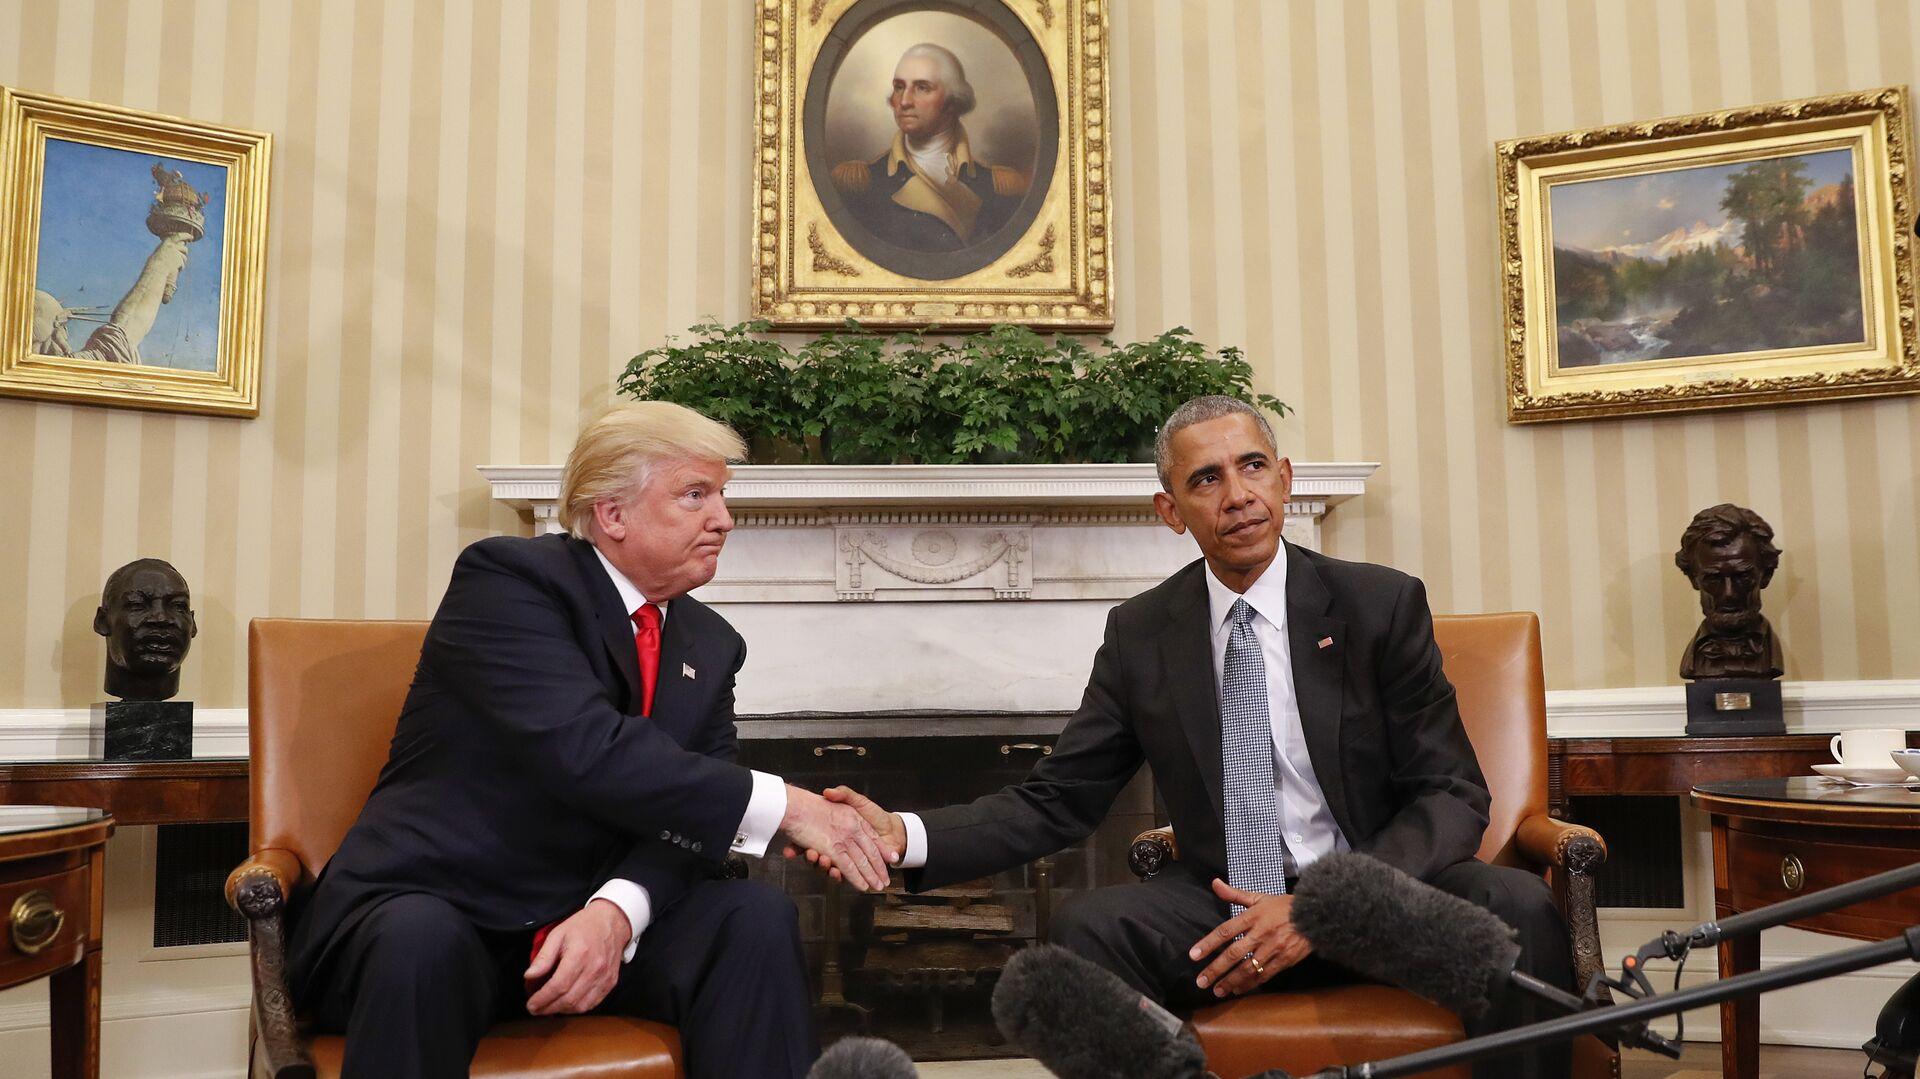 США рассекретили записи о возможном плане Обамы связать Трампа с Россией